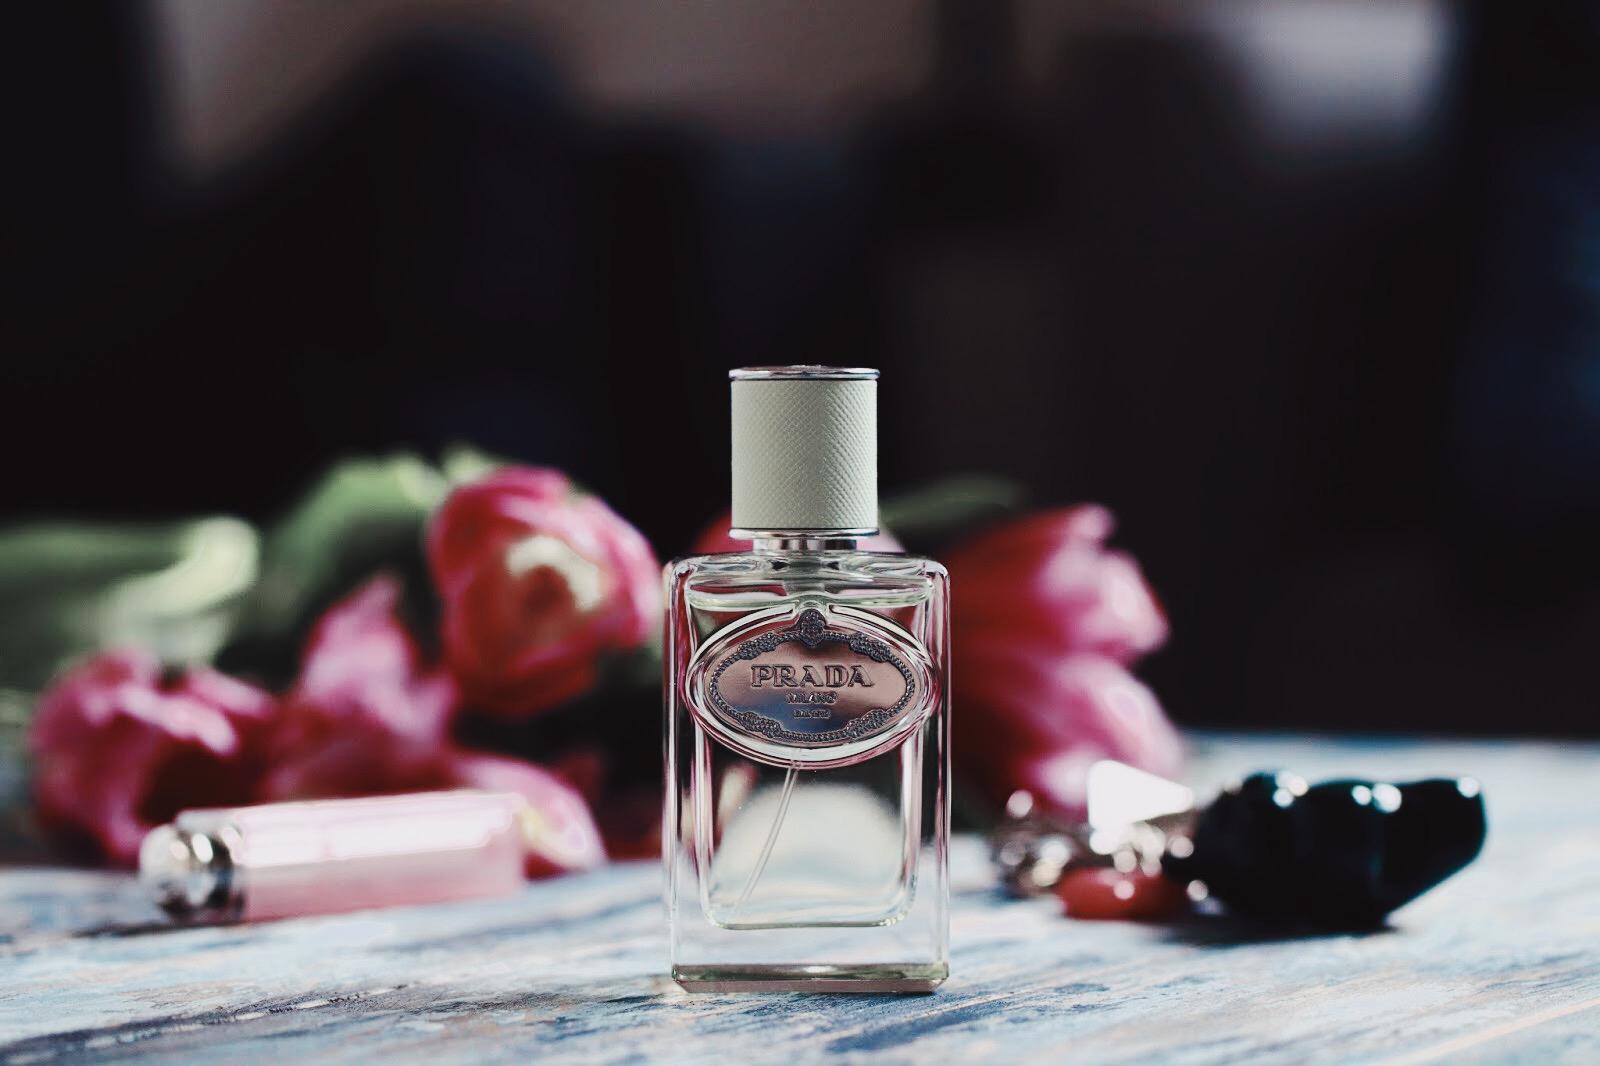 prada infusion d'iris parfum critique avis